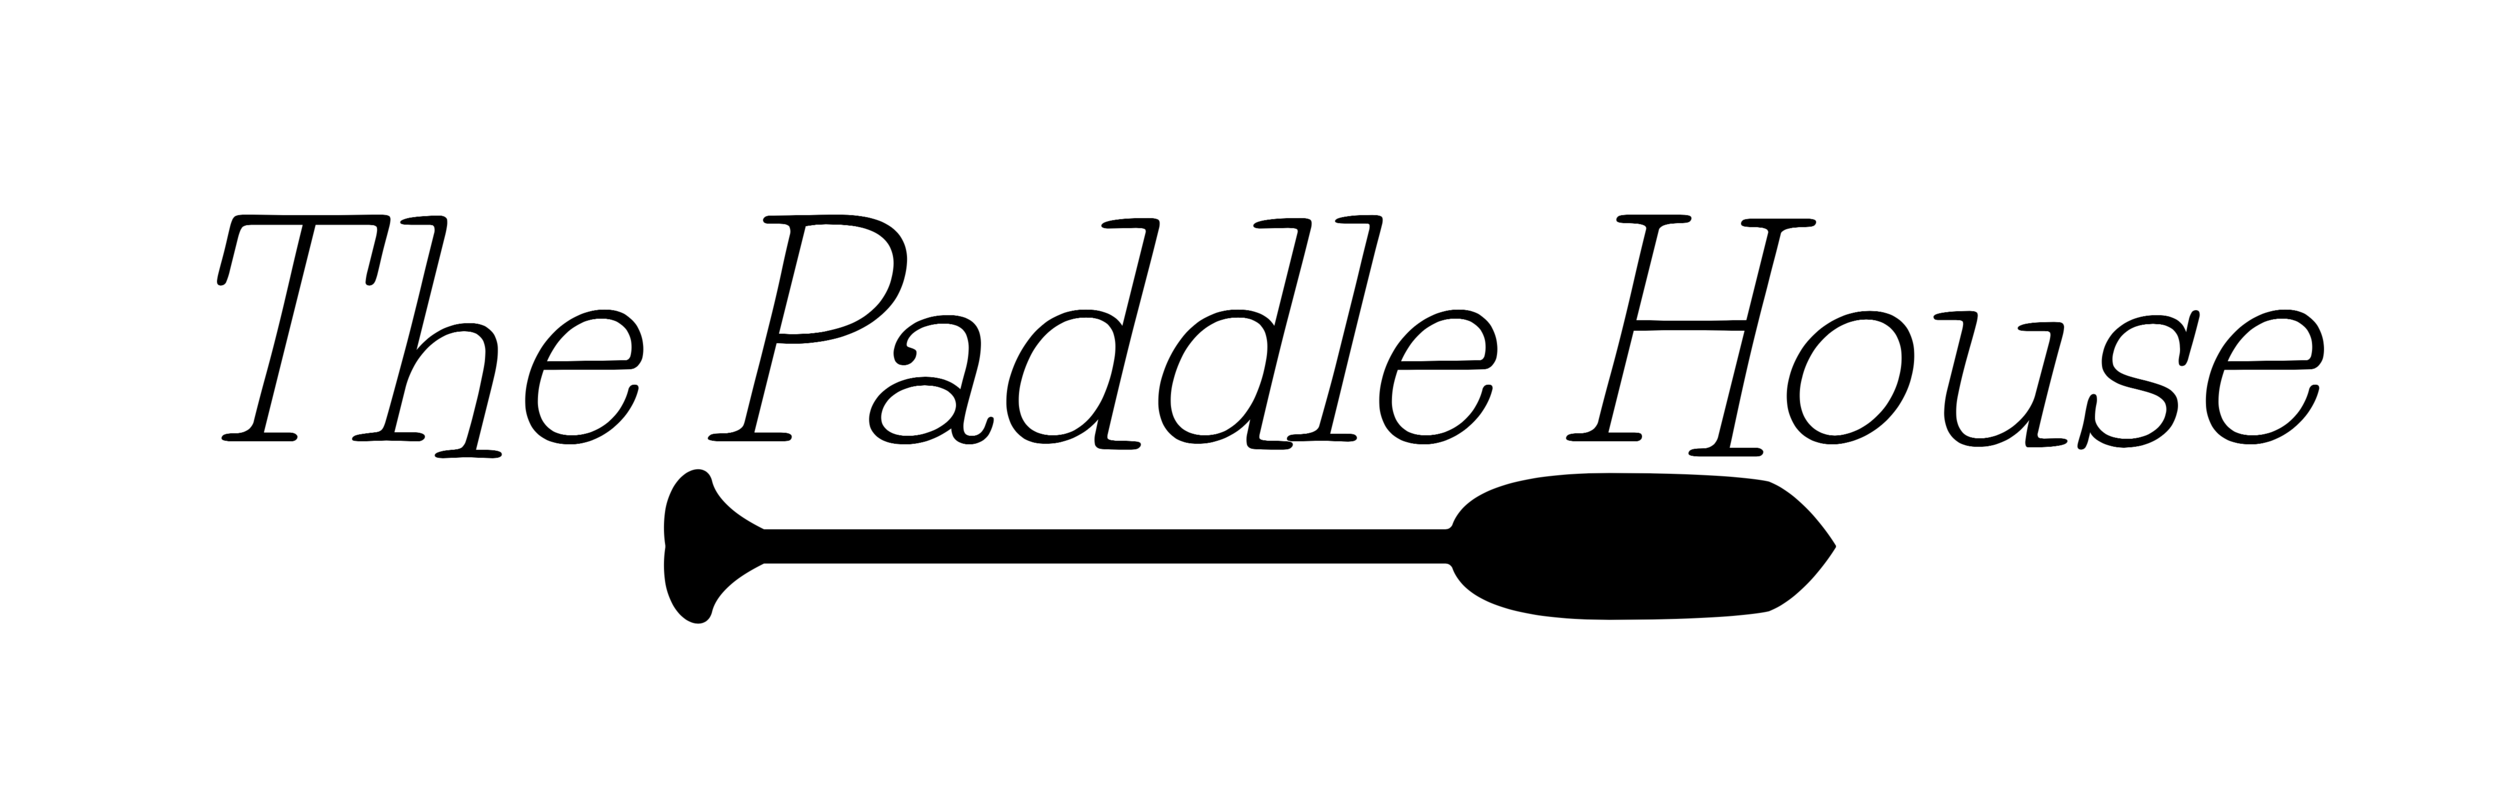 The Paddle House logo